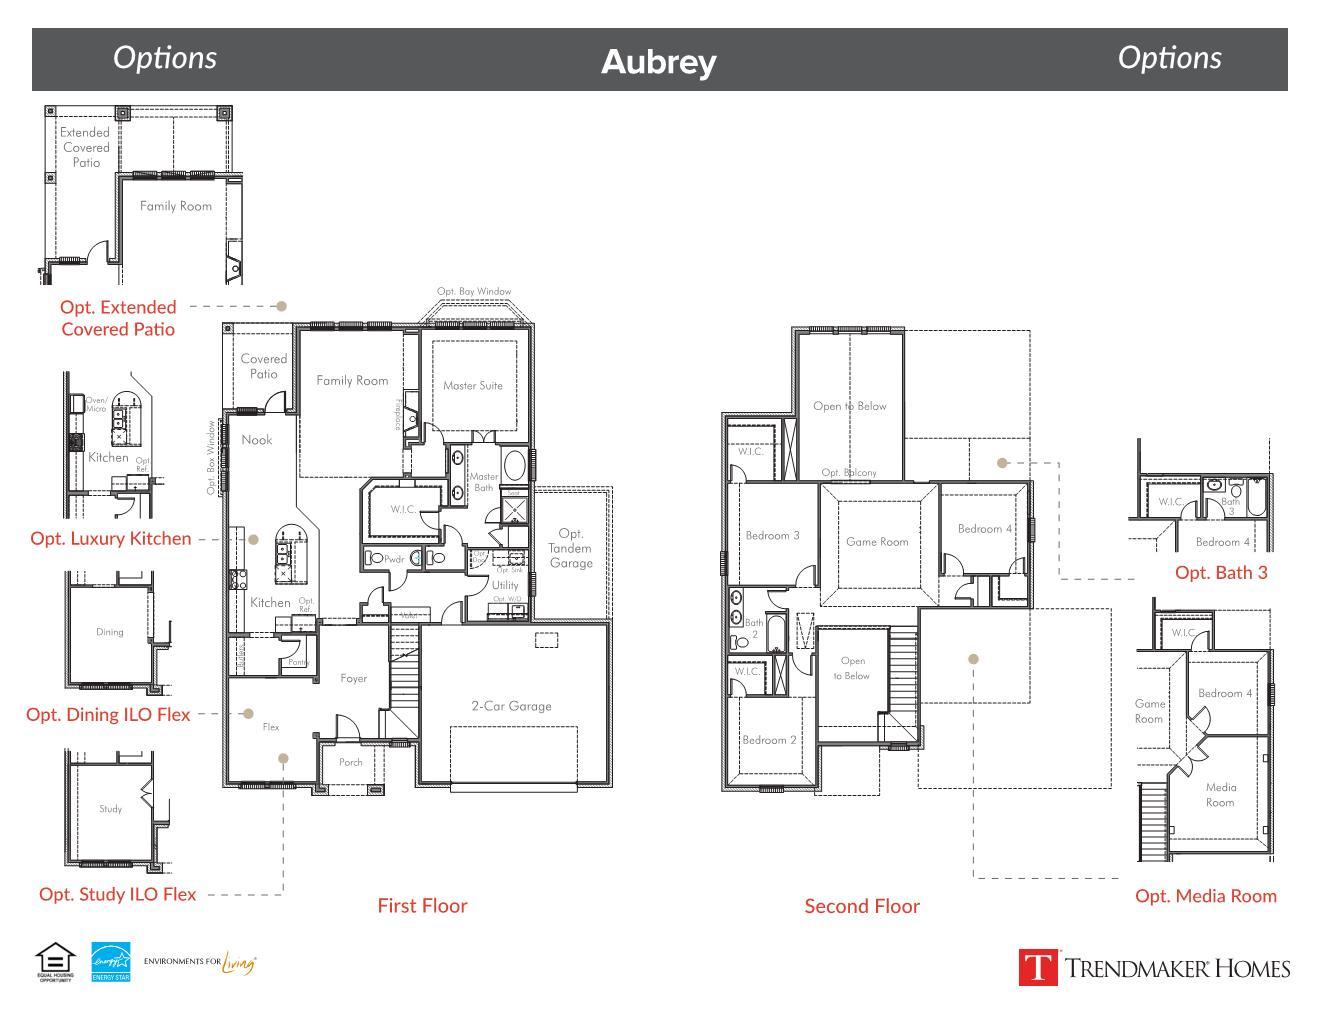 Aubrey Floor Plan - Glen View